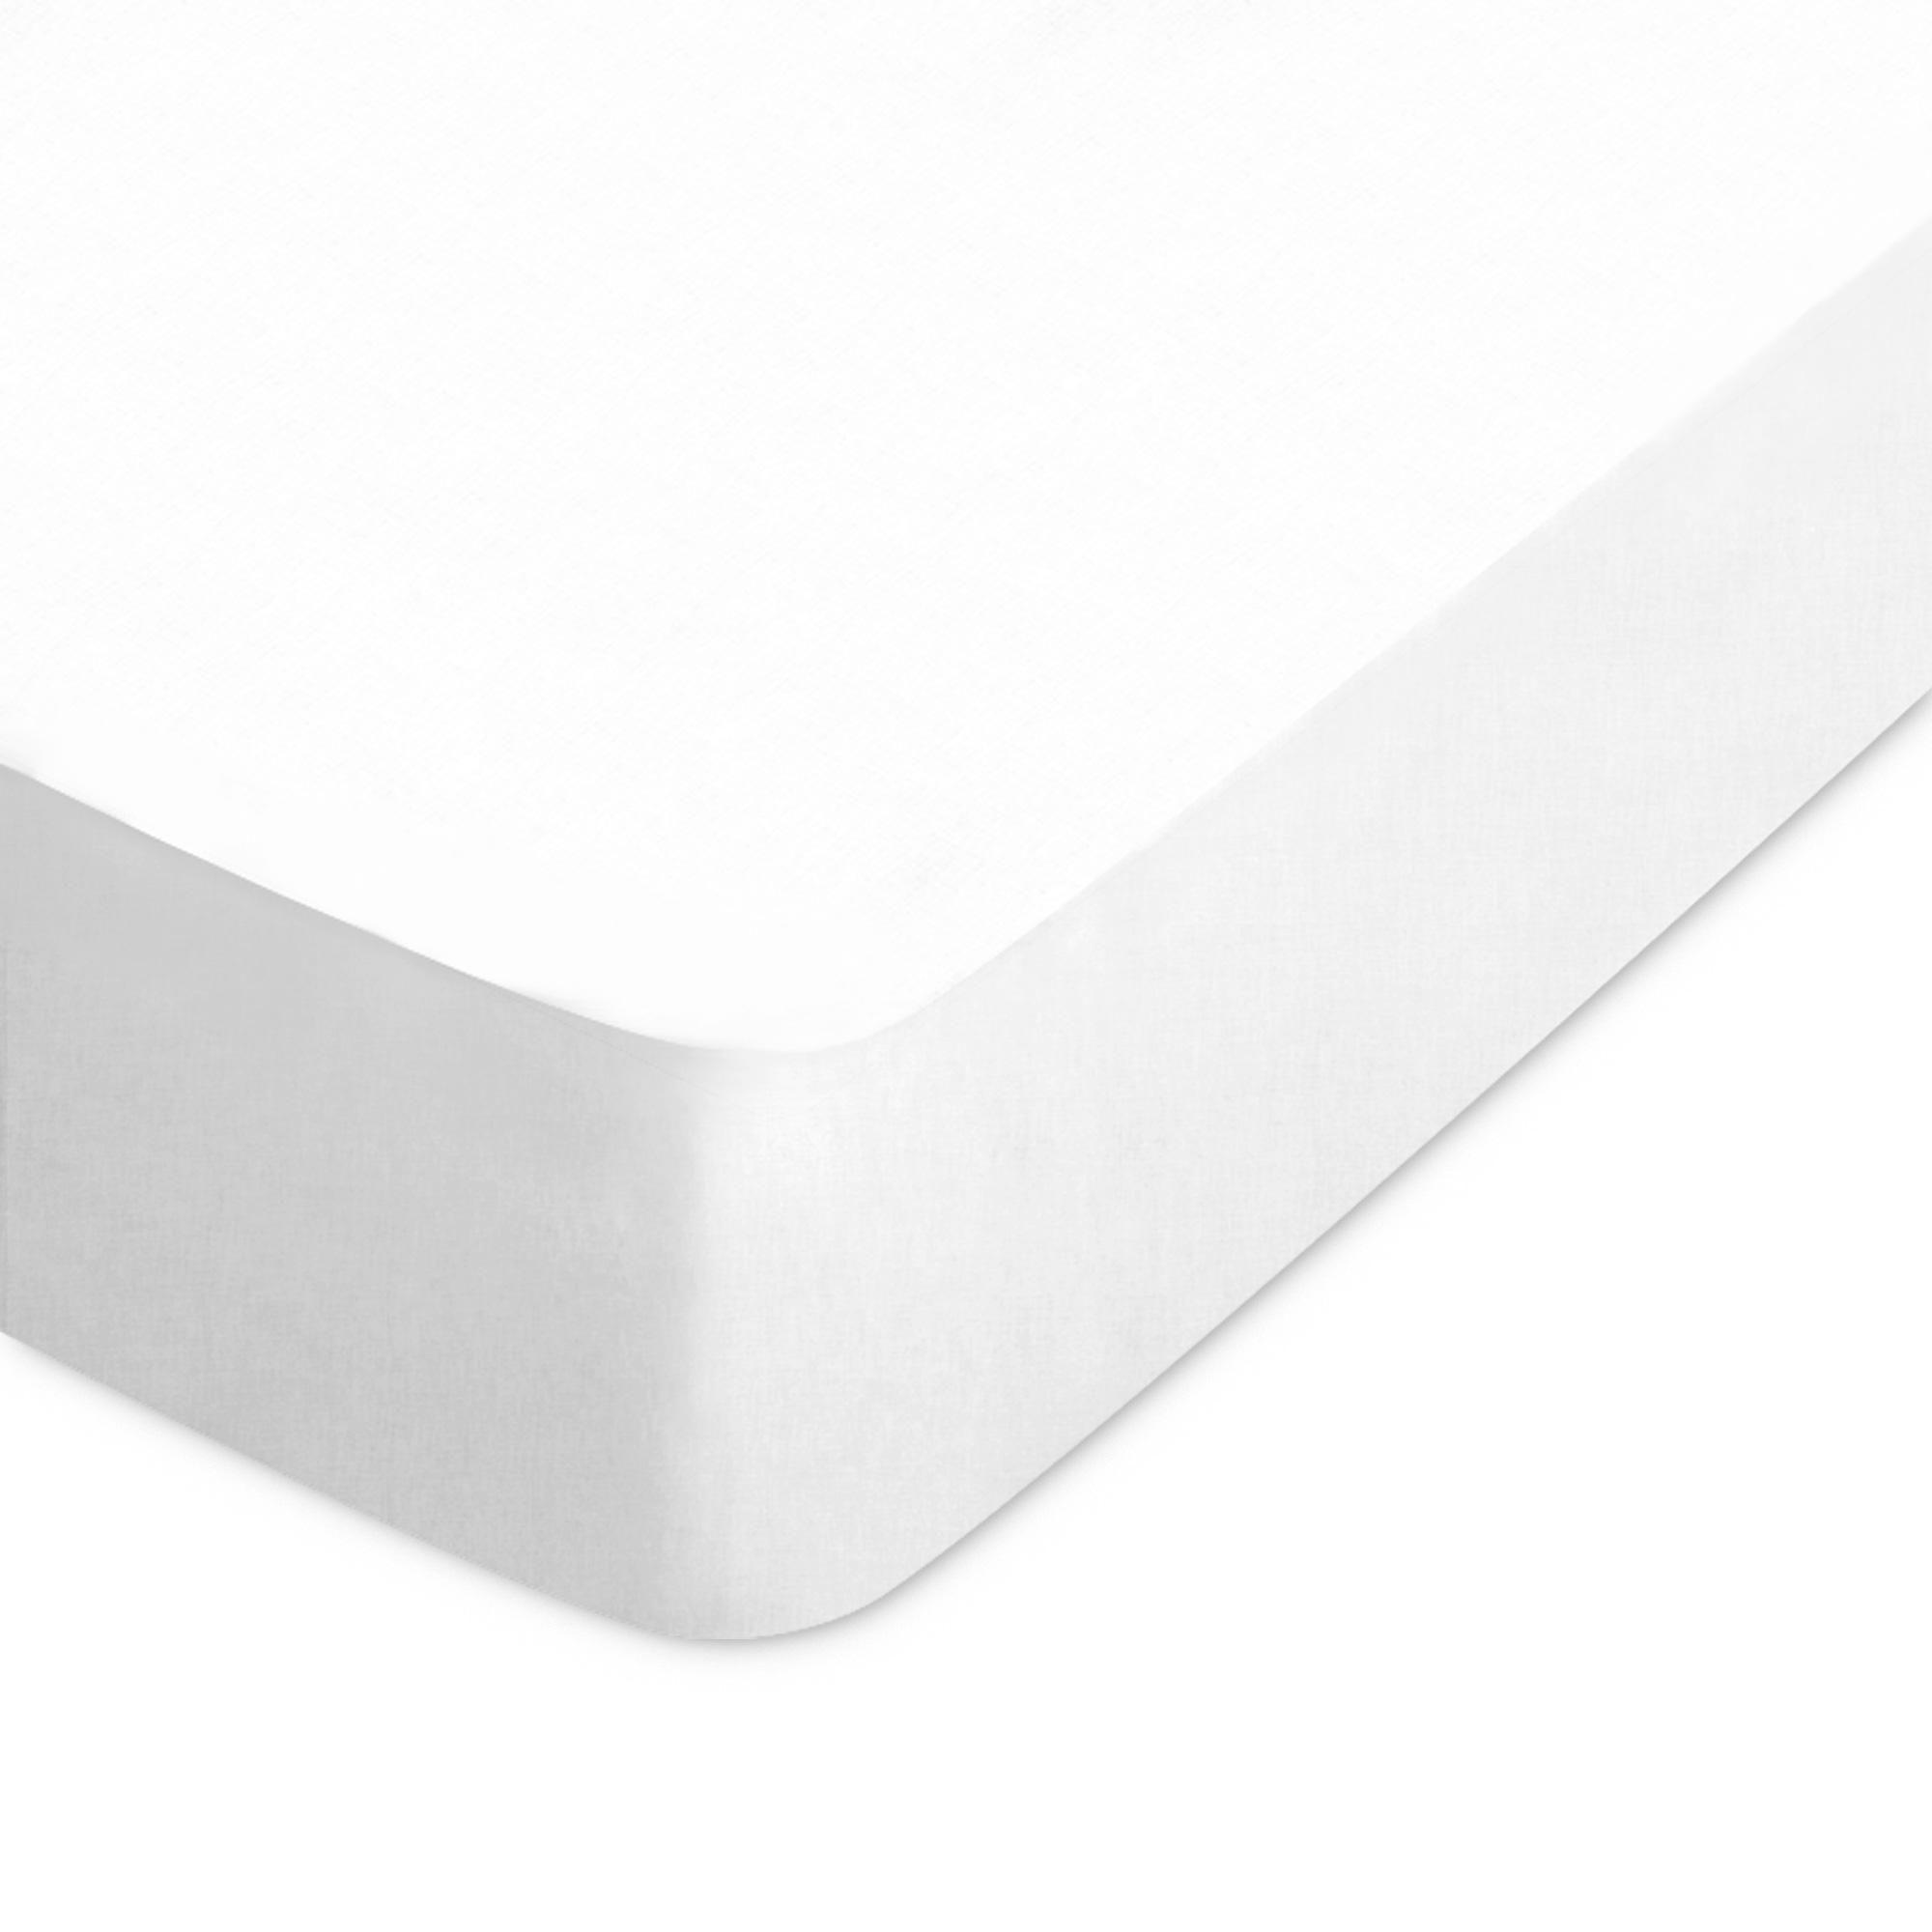 drap housse coton 70x190 blanc achat vente drap housse. Black Bedroom Furniture Sets. Home Design Ideas